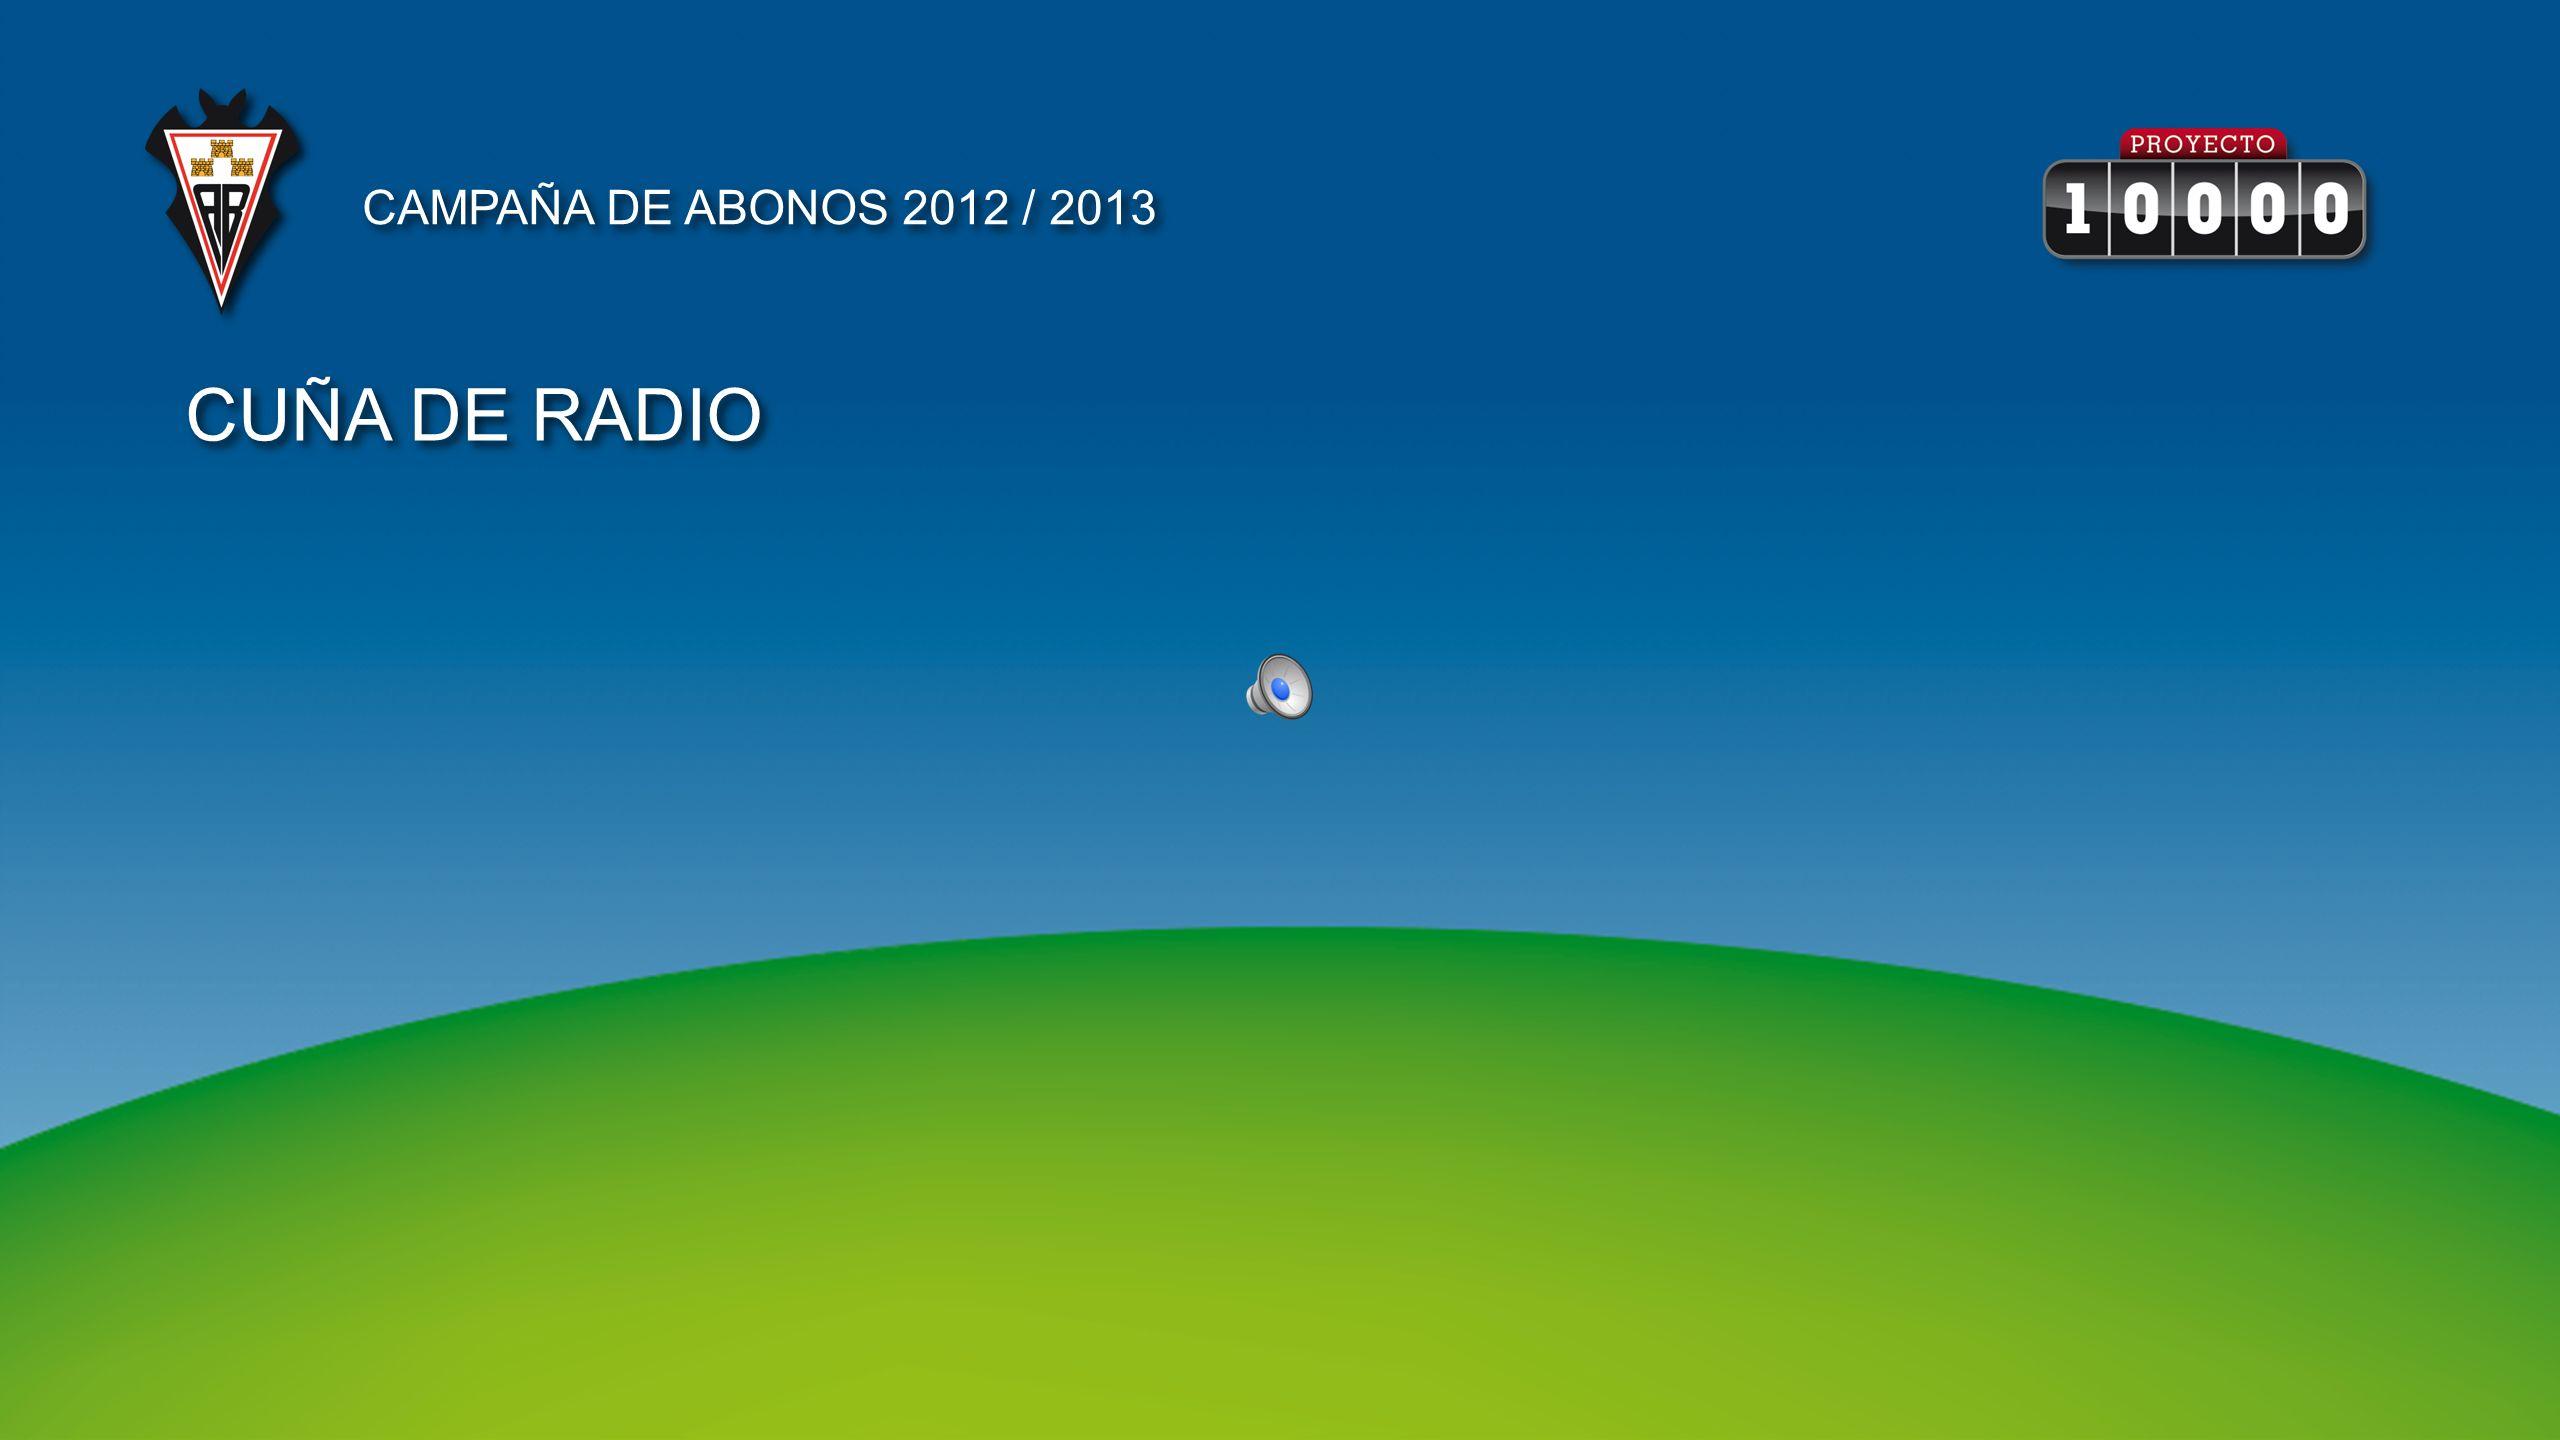 CUÑA DE RADIO CAMPAÑA DE ABONOS 2012 / 2013